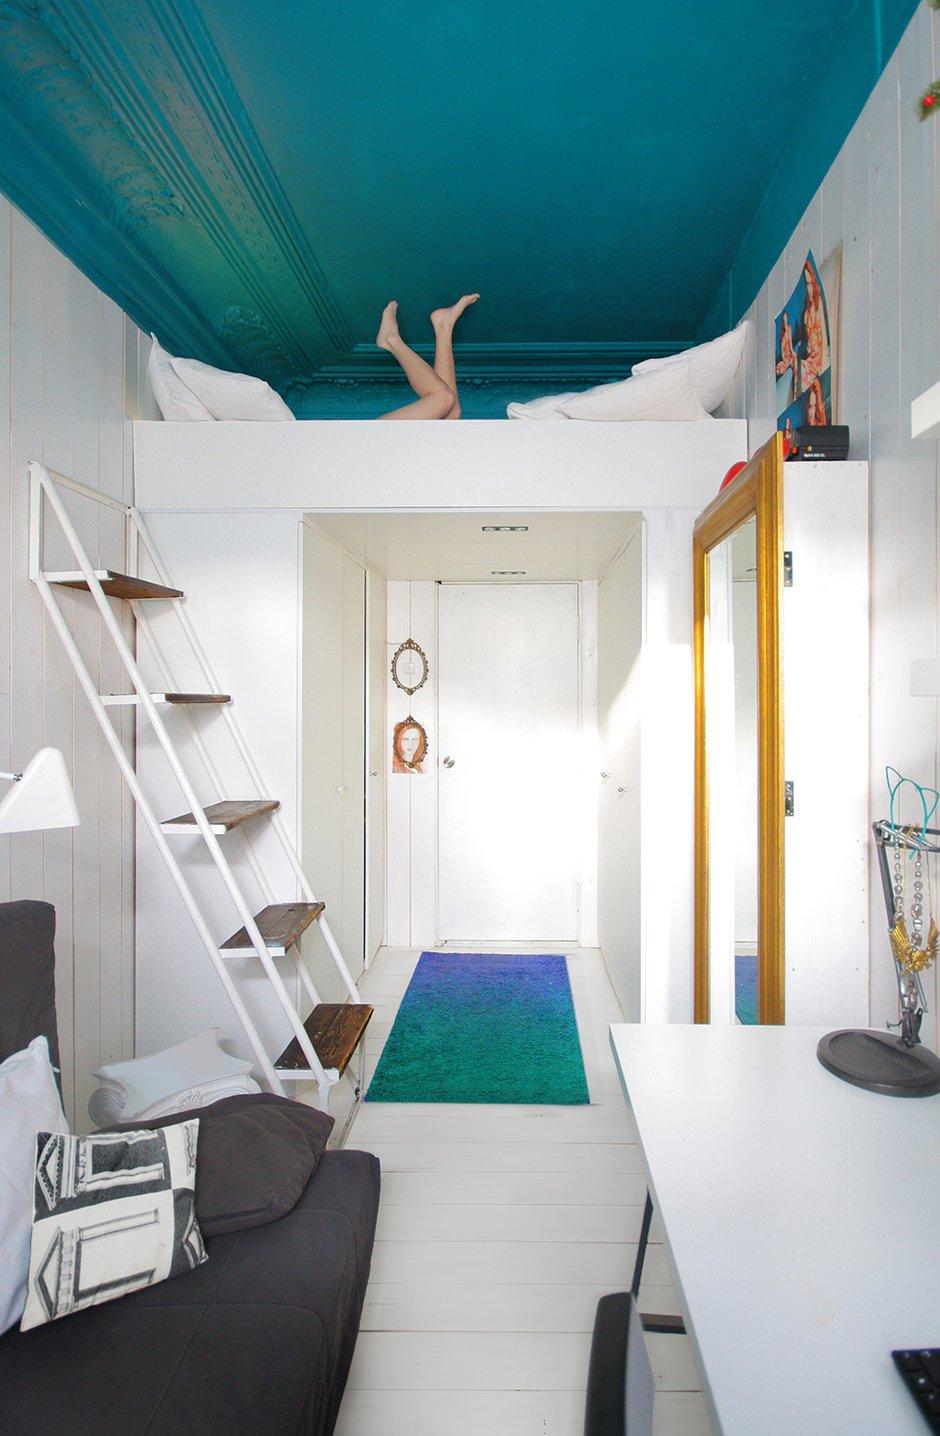 Фотография: Прихожая в стиле Современный, Малогабаритная квартира, Квартира, Цвет в интерьере, Дома и квартиры, Белый, Бирюзовый – фото на INMYROOM